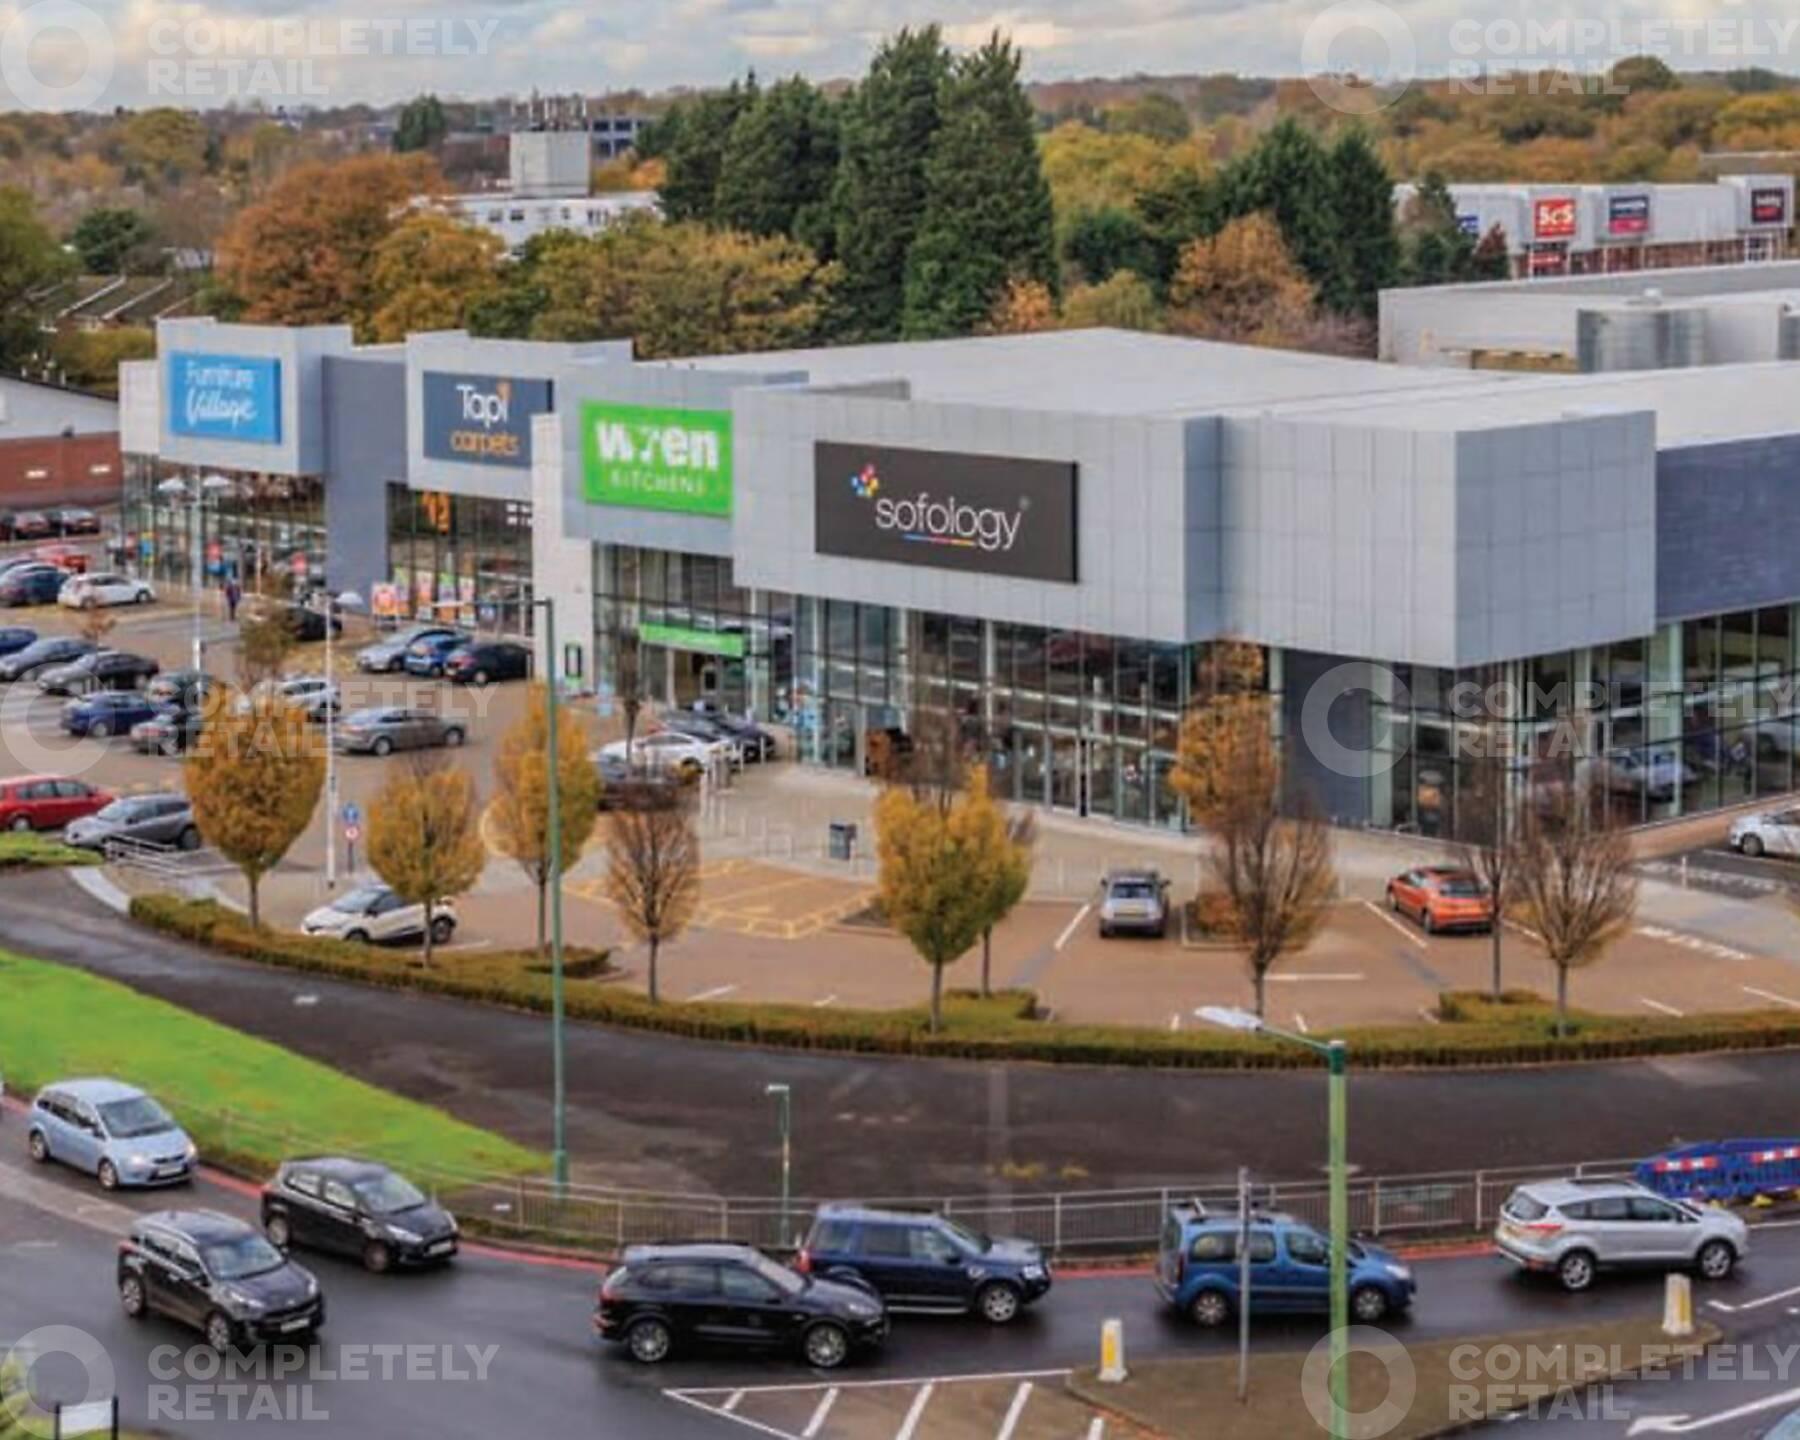 Solihull Gate Retail Park